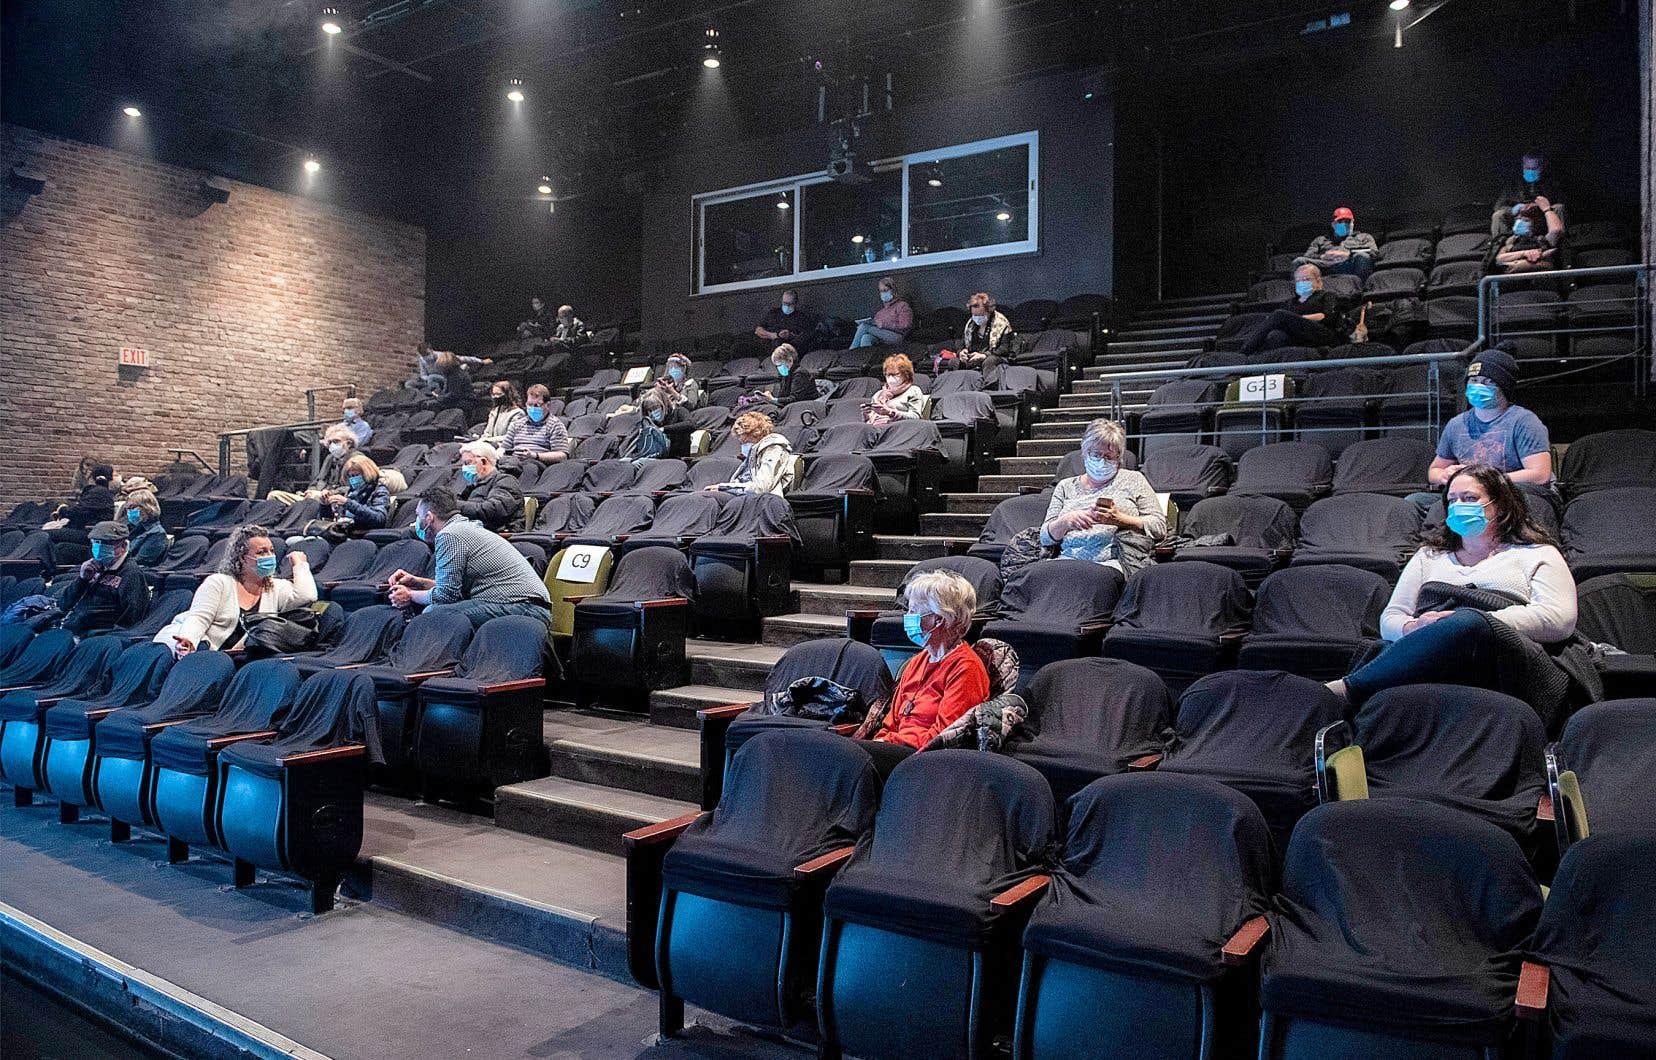 La nouvelle consigne sanitaire impose aux propriétaires de cinémas et de salles de spectacle une distanciation de 2 mètres, au lieu de 1,5 mètre. Ici, le théatre du Centaur, à Montréal.